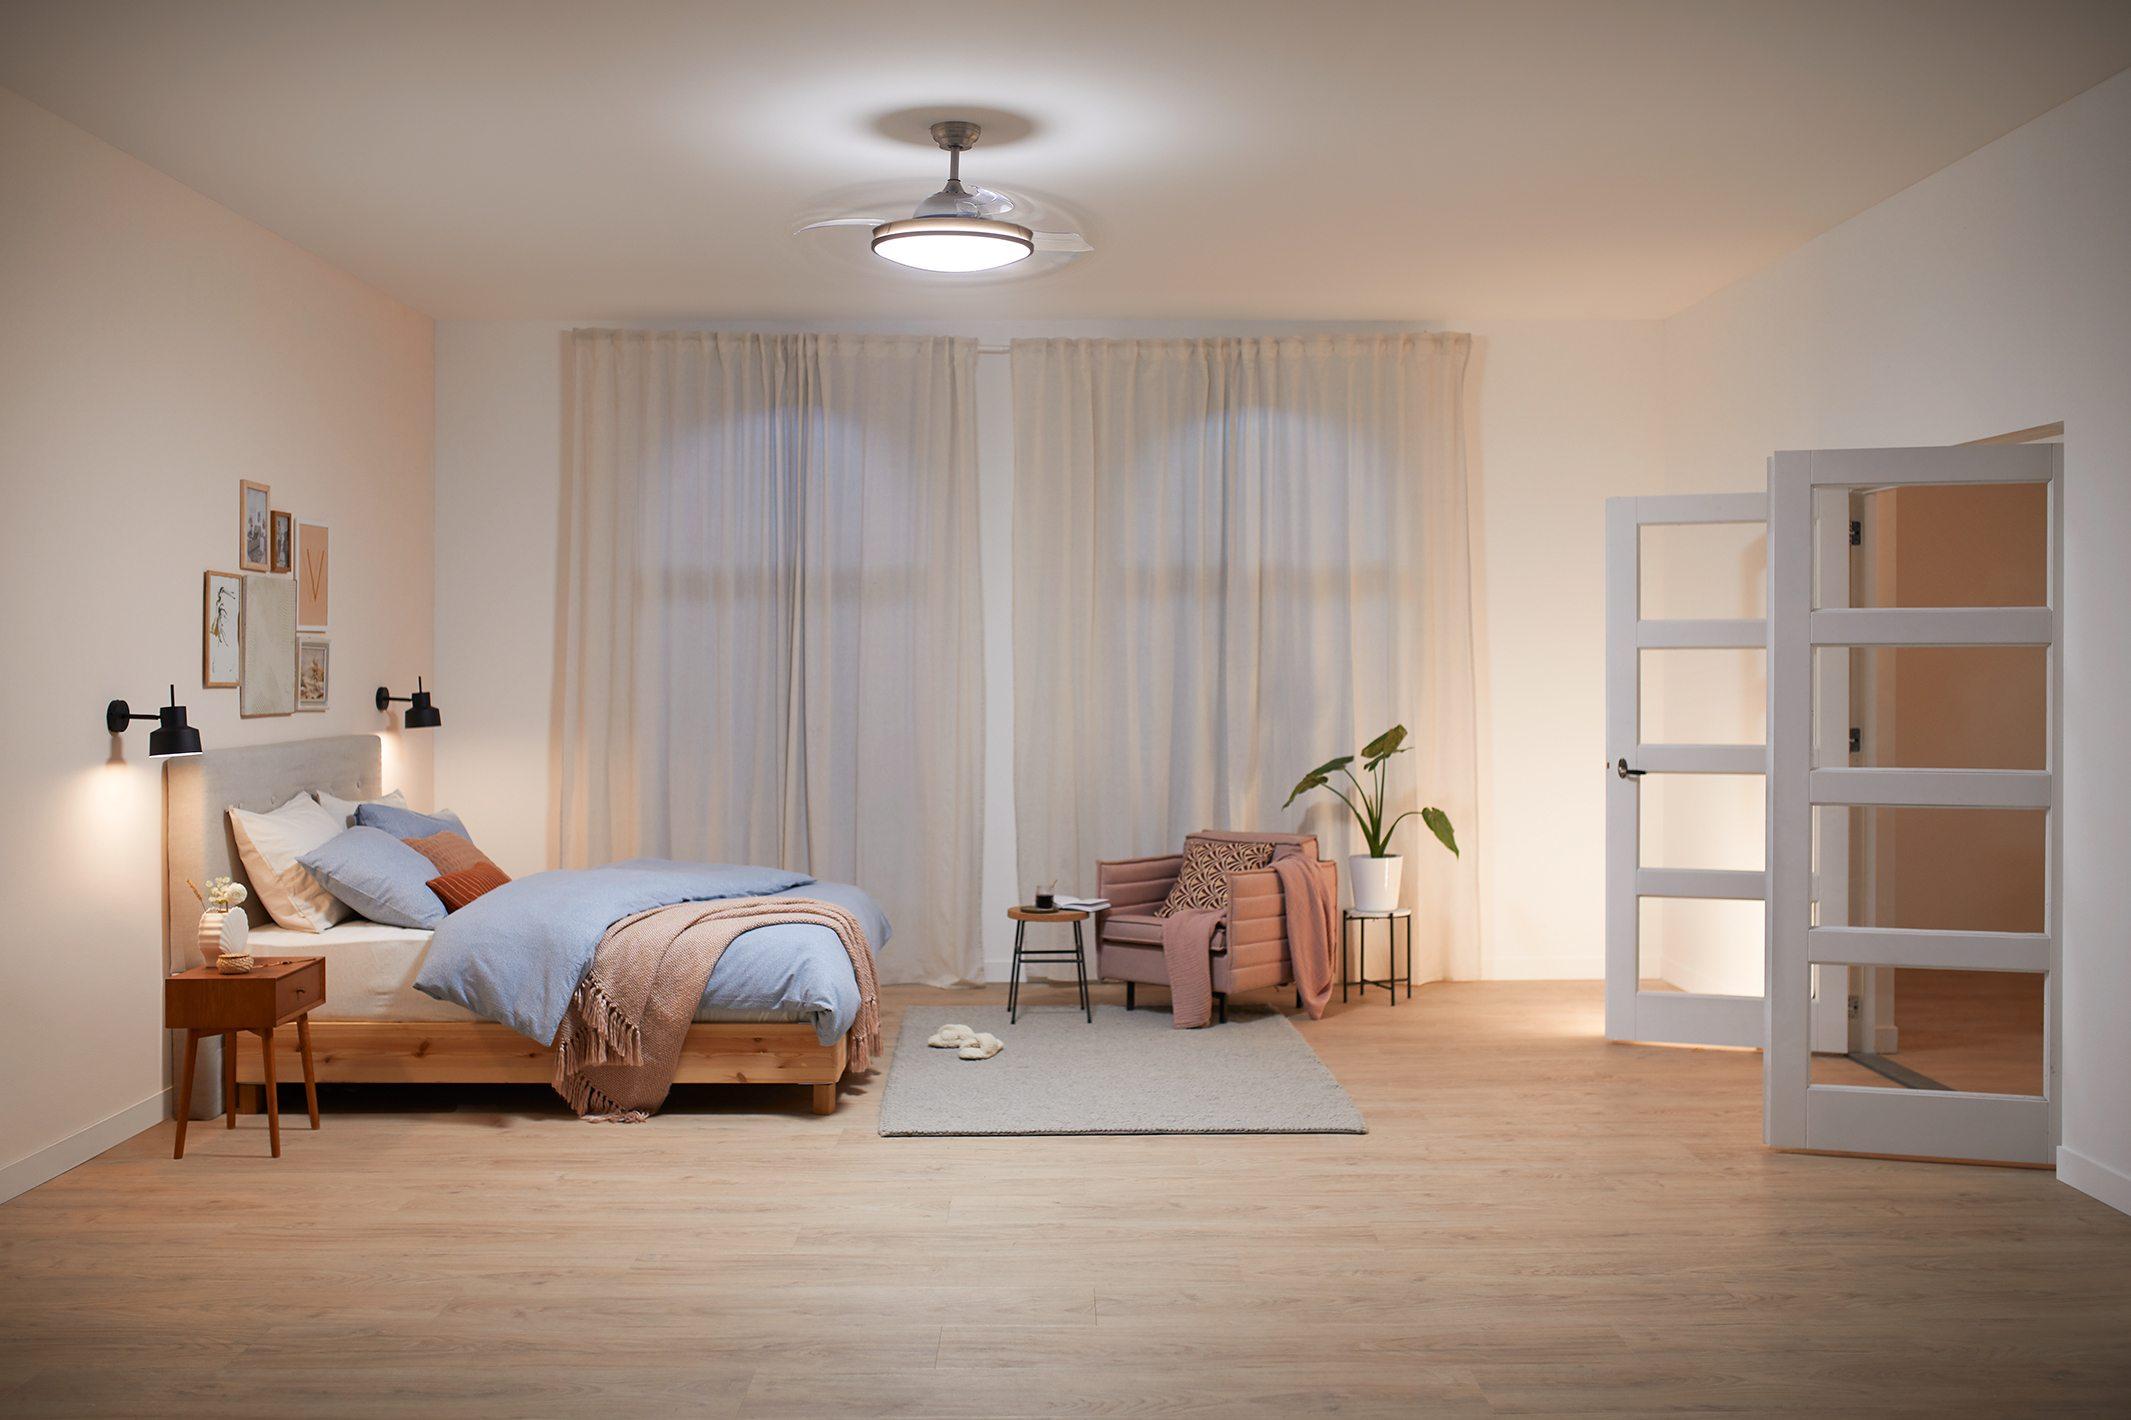 Philips-EyeComfort-Atlas-N°quel-Dormitorio